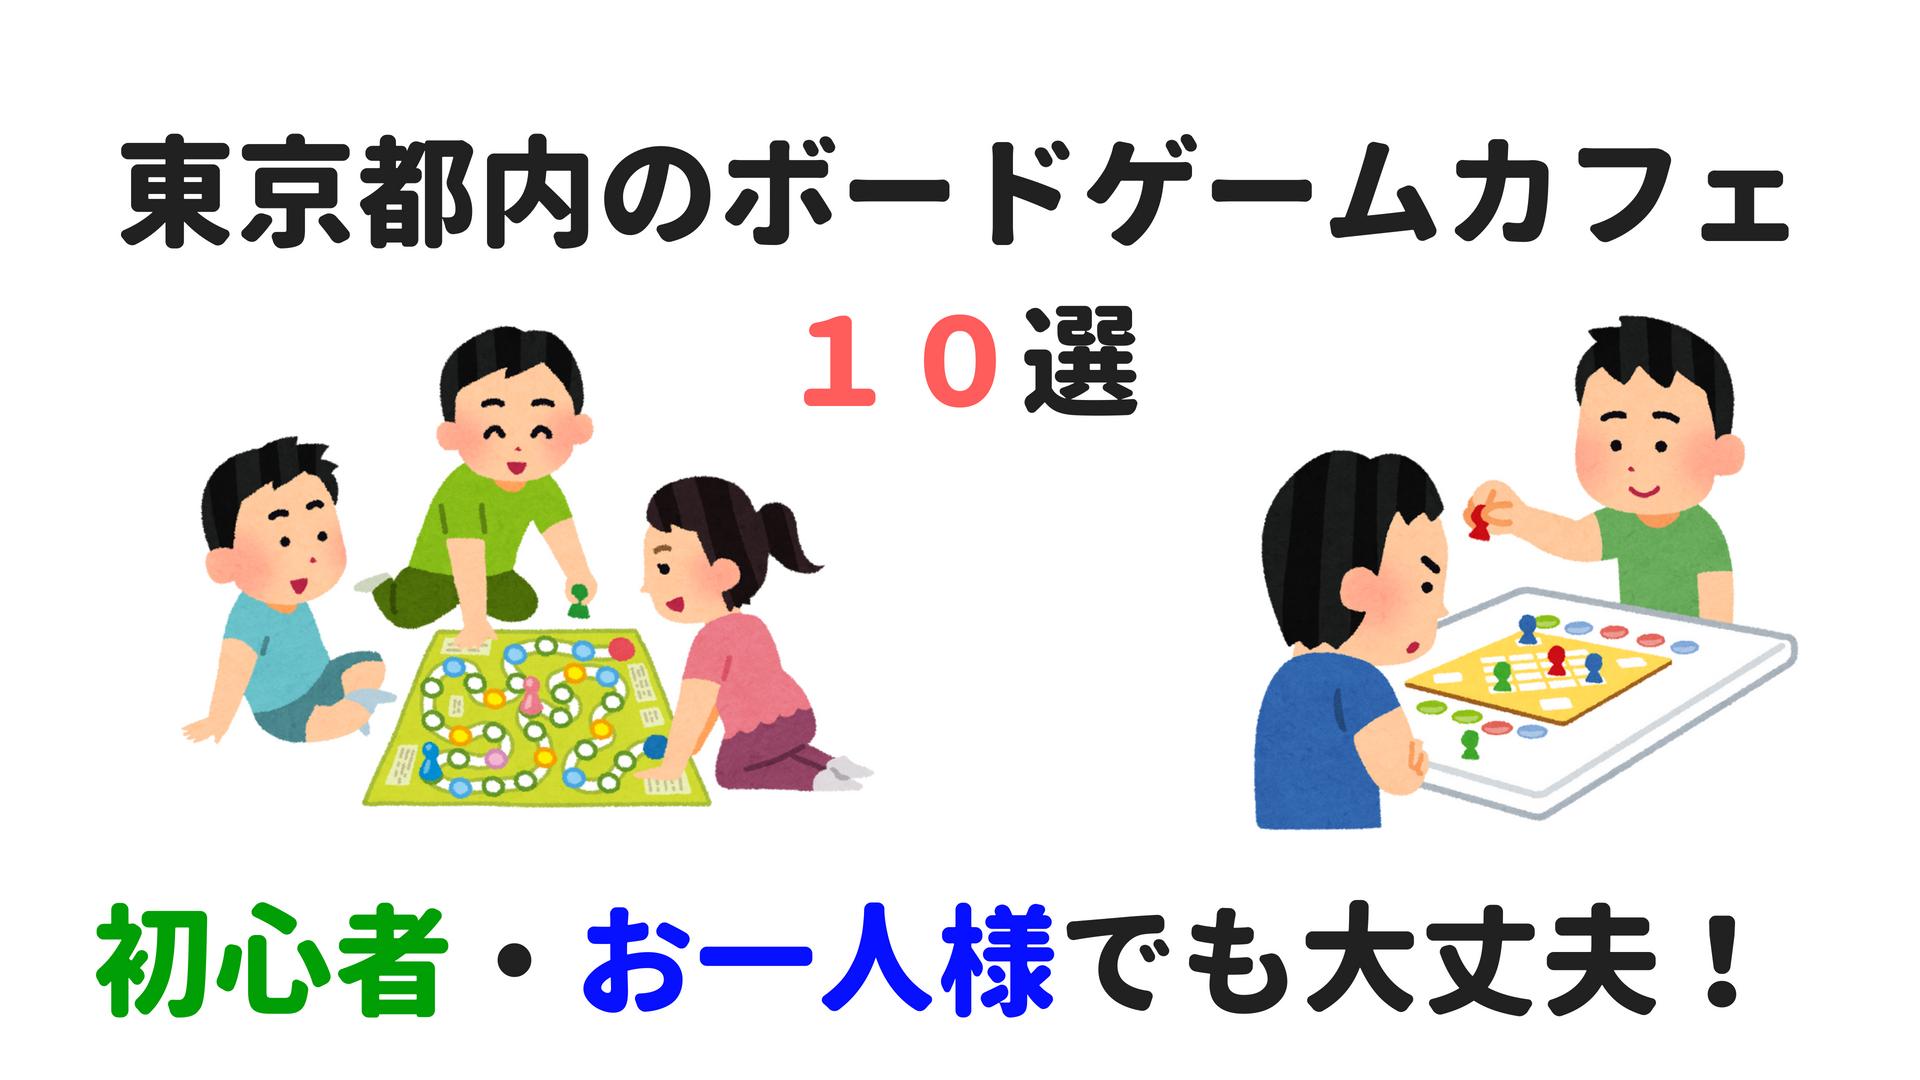 「【1人でもOK】東京のボードゲームカフェ10選!初心者でも行きやすいおすすめのお店」のアイキャッチ画像